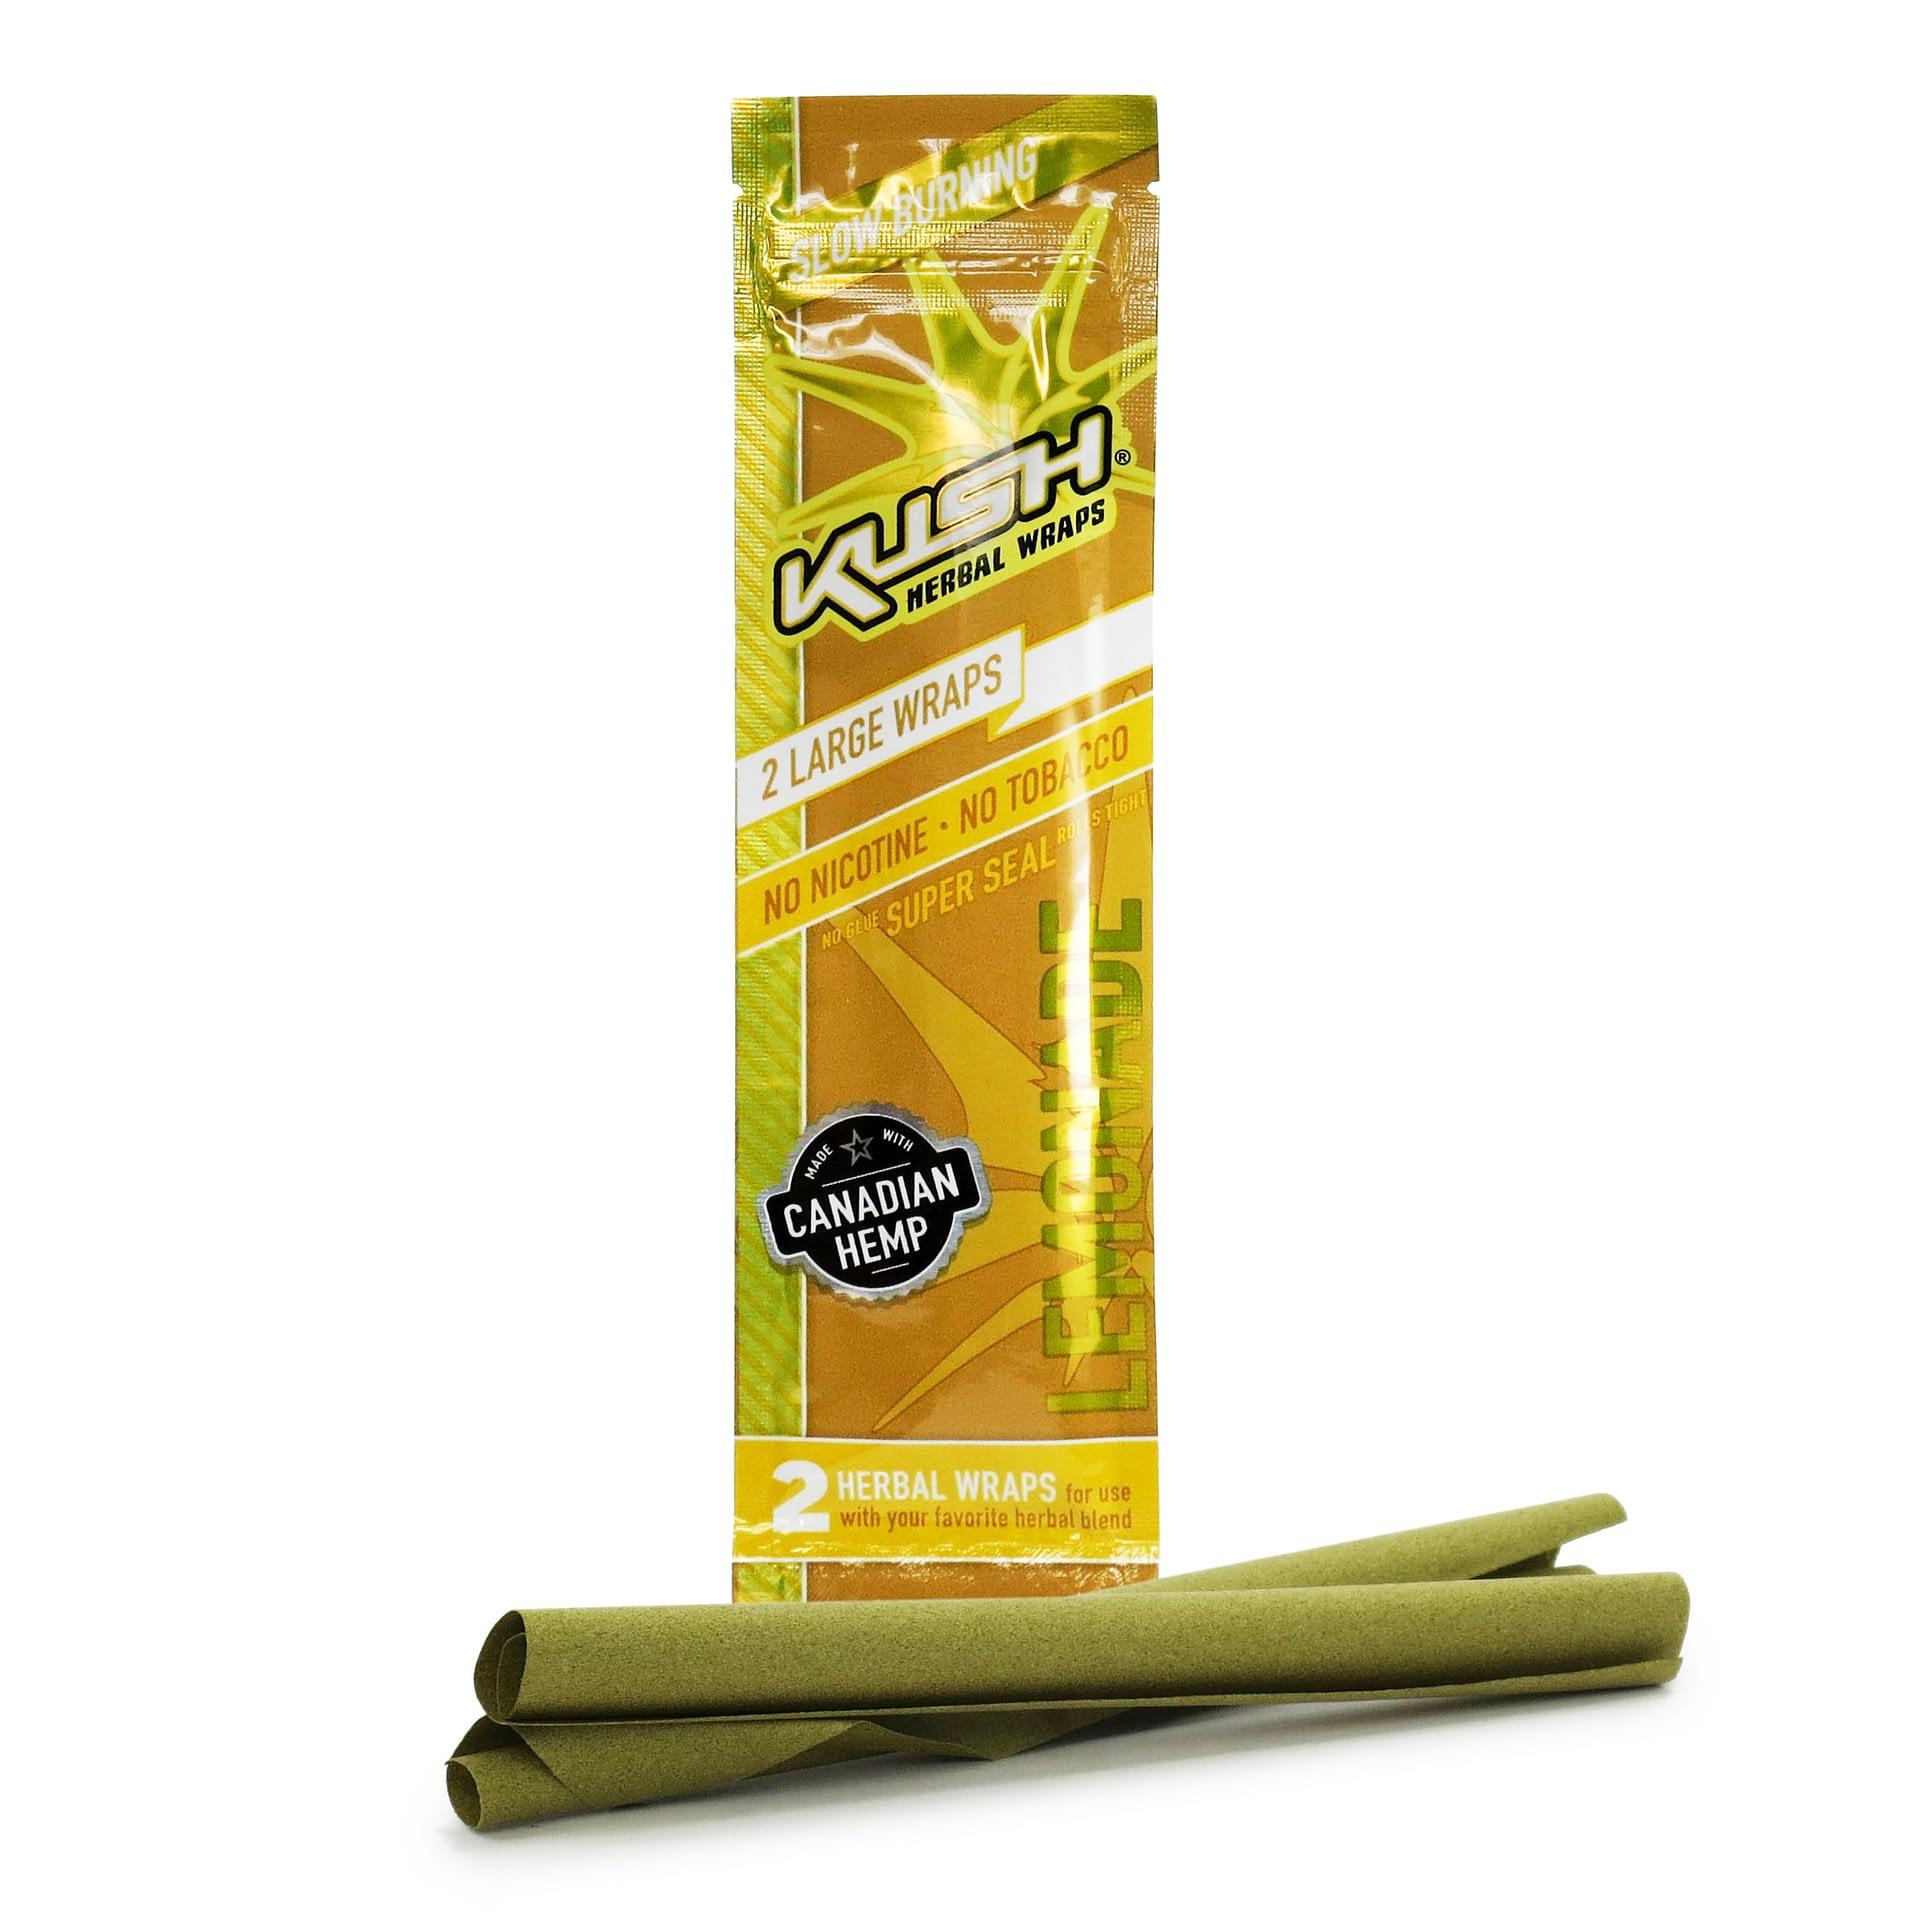 Kush Herbal Wraps